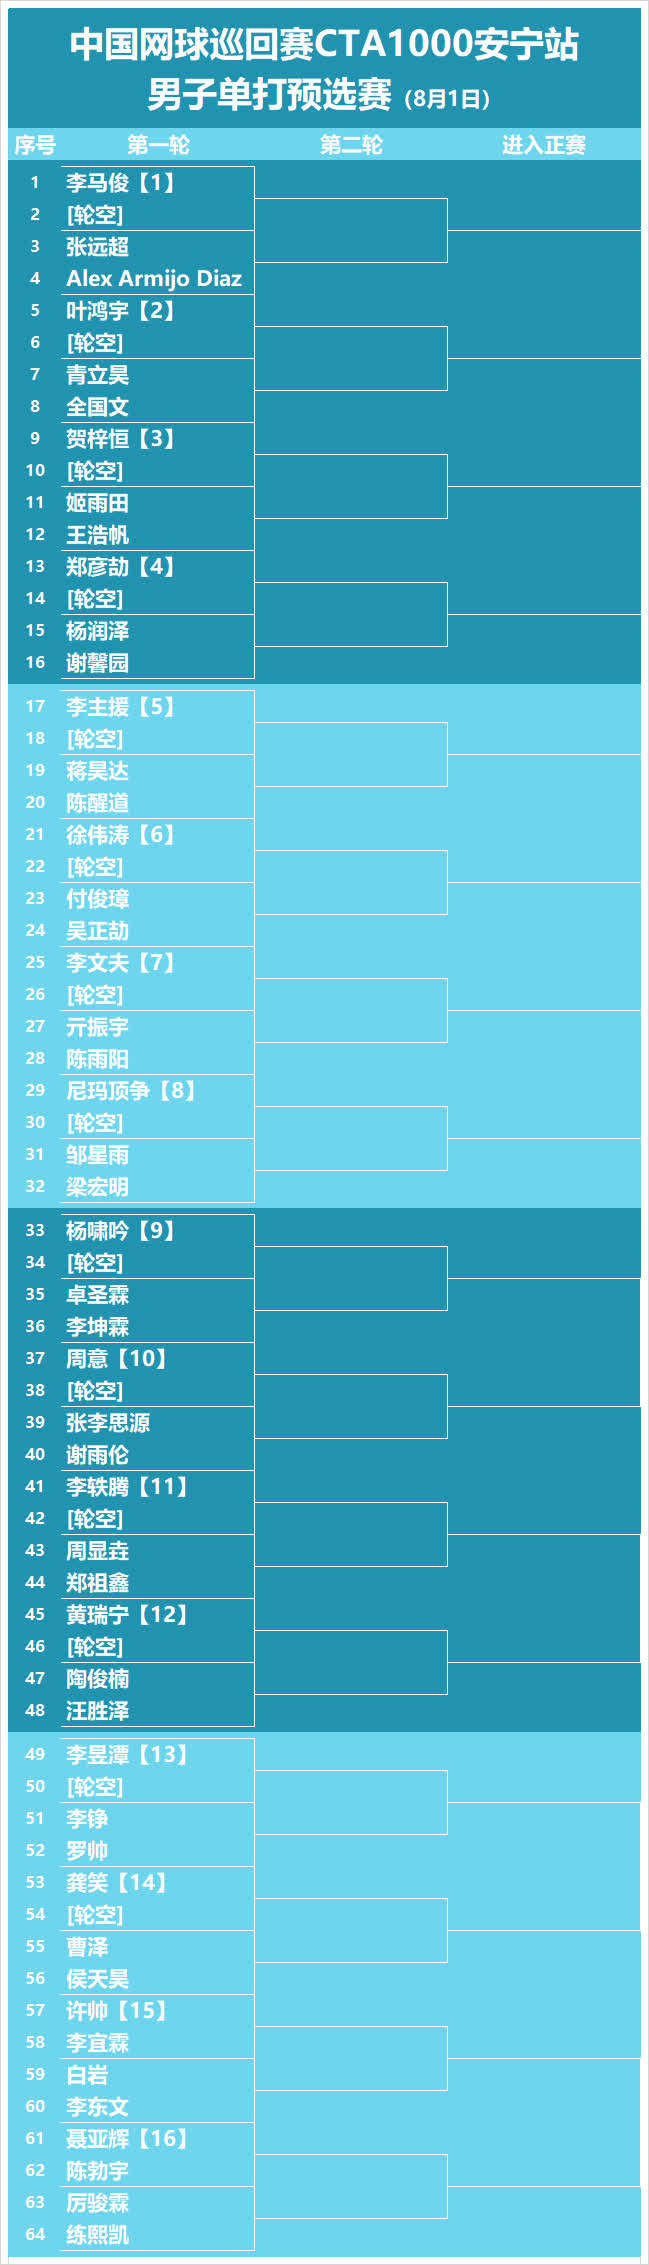 中国网球巡回赛安宁站预选赛抽签结果出炉,比赛今日开打